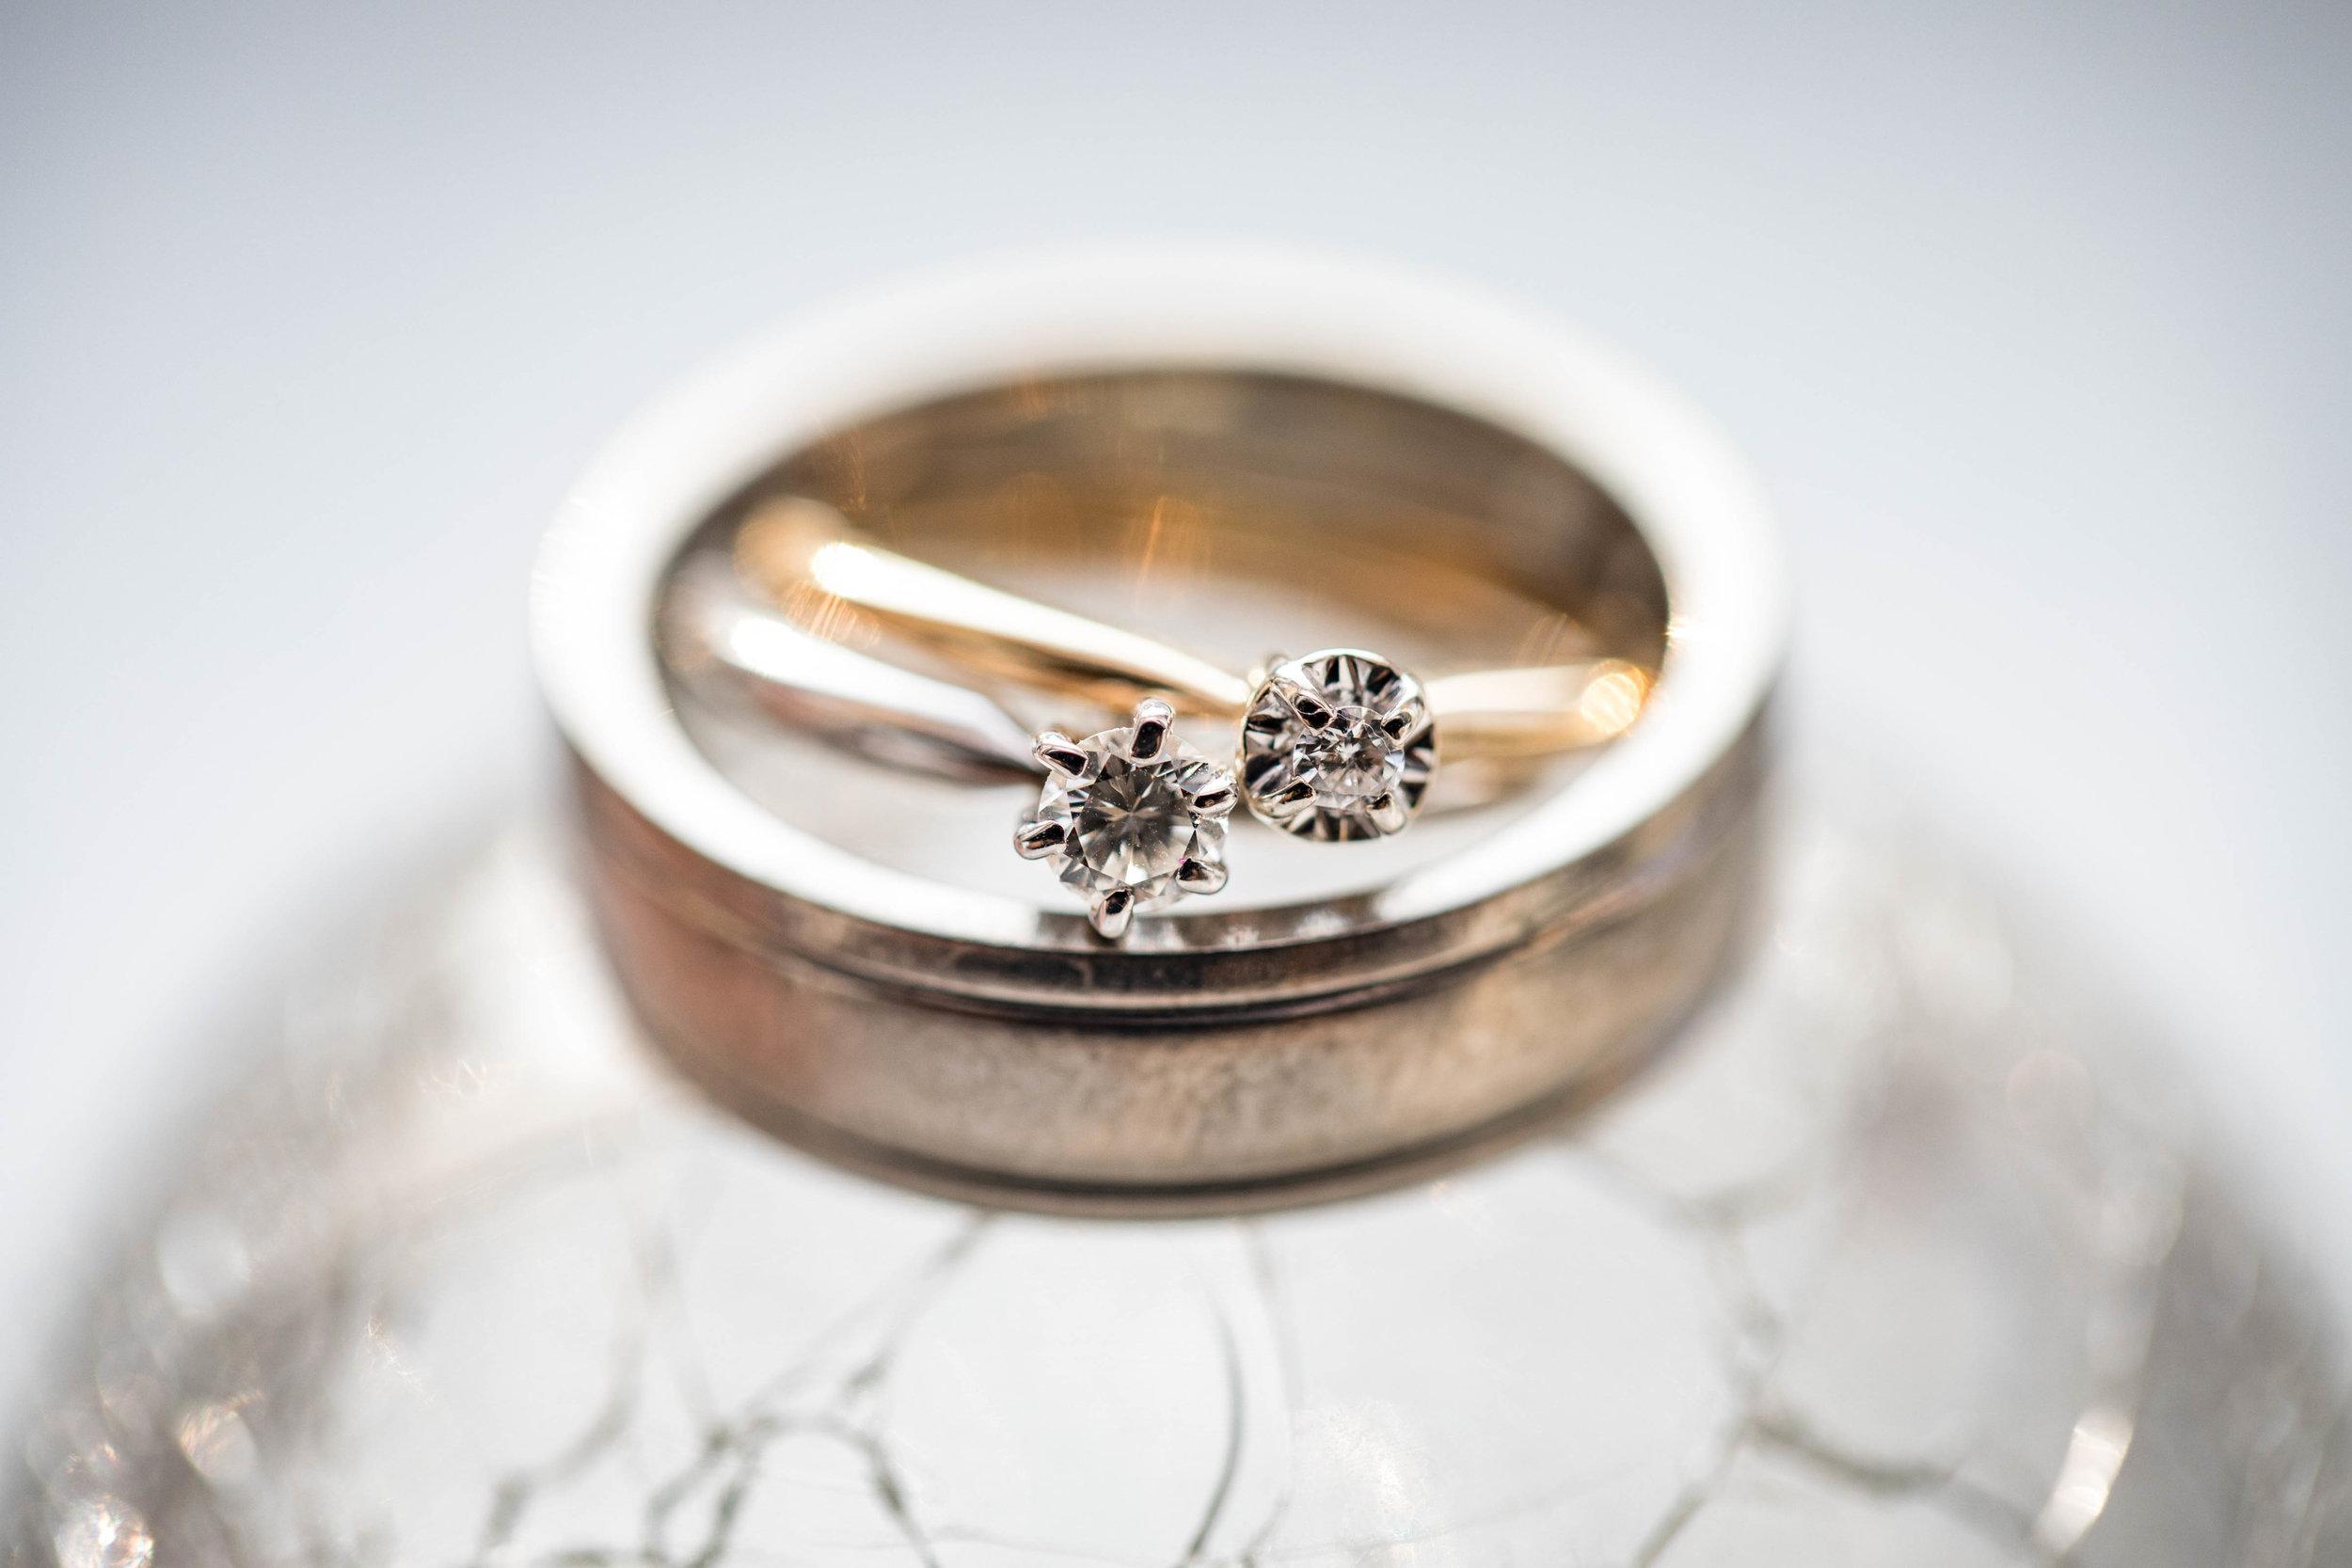 Wedding band and diamond rings